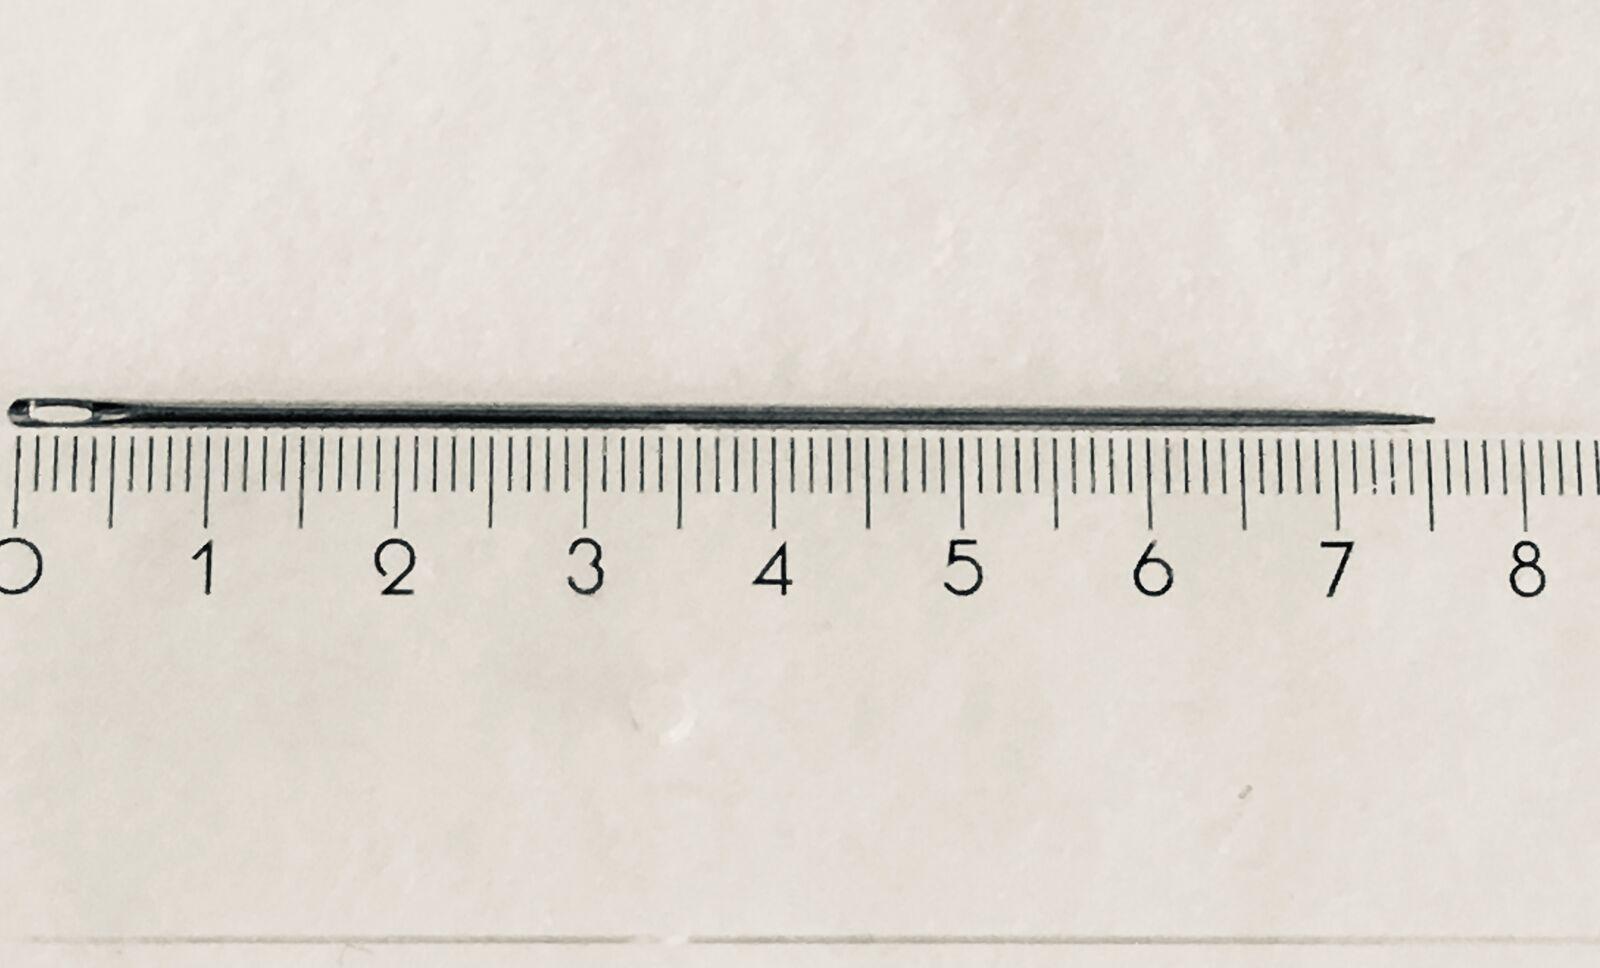 Sacknadel Nadel Durchziehnadel m Sperrnadel 1A stabile Qualitäts Packnadeln